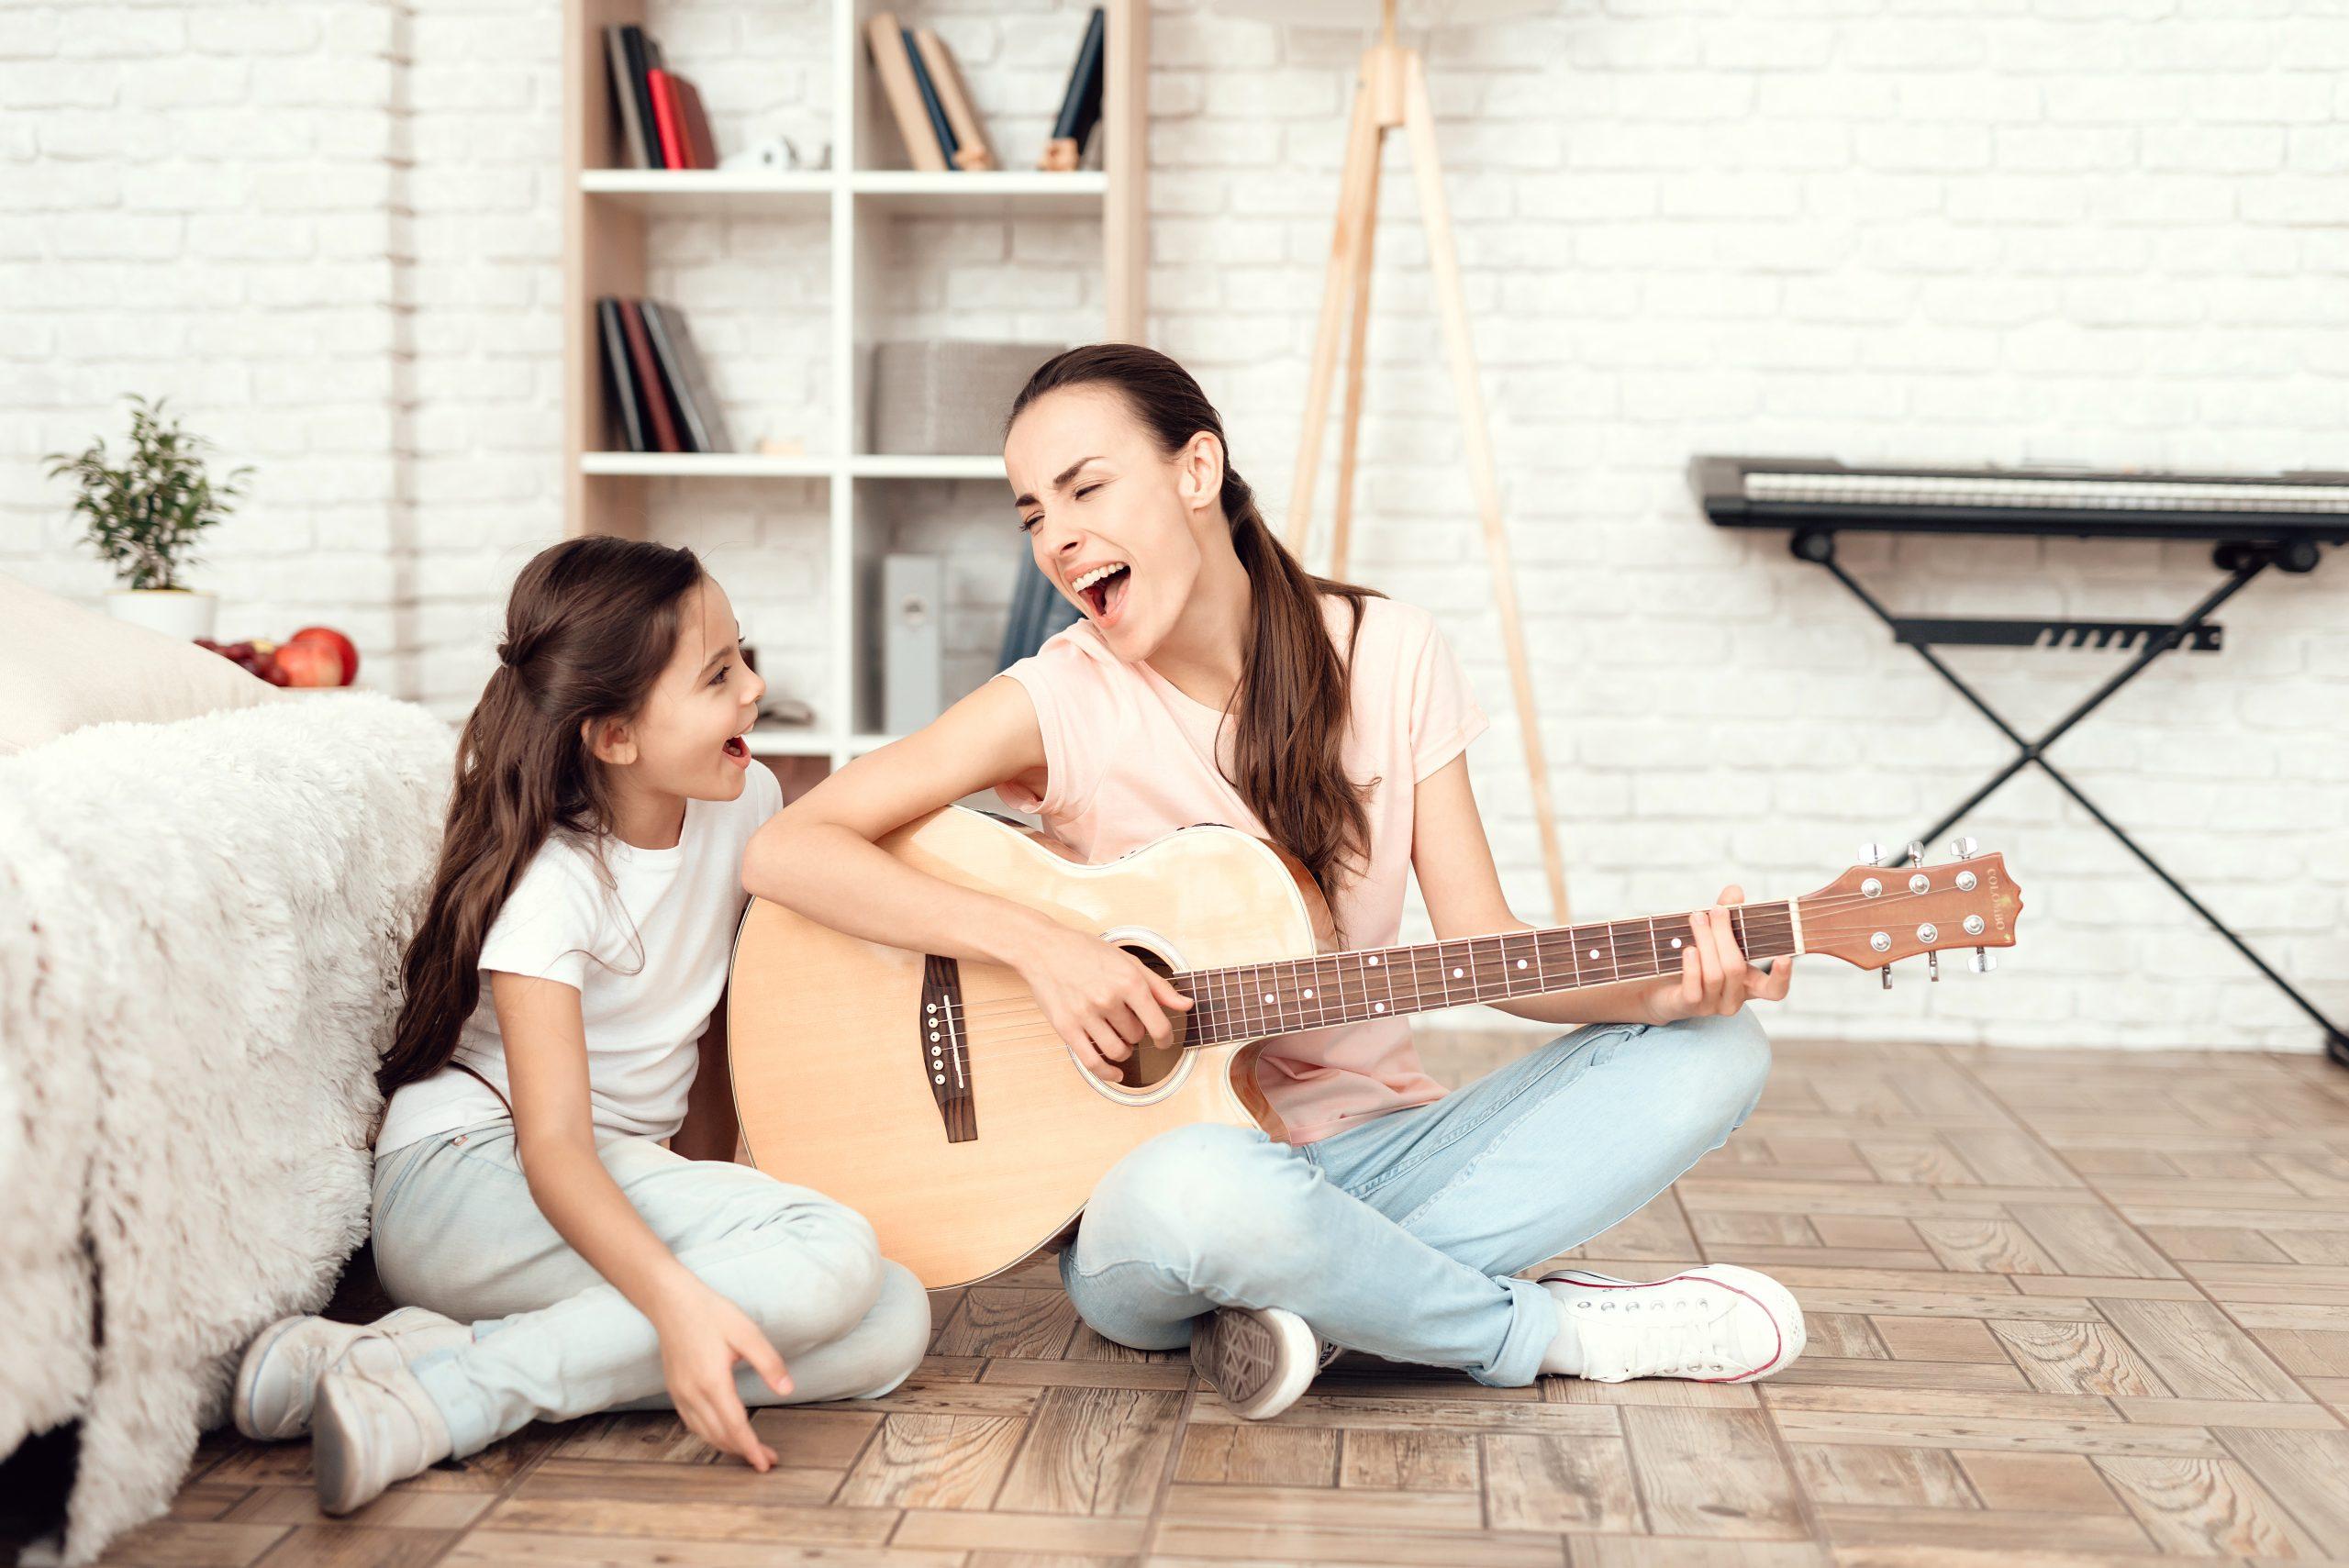 actividades en casa aprender a tocar un instrumento